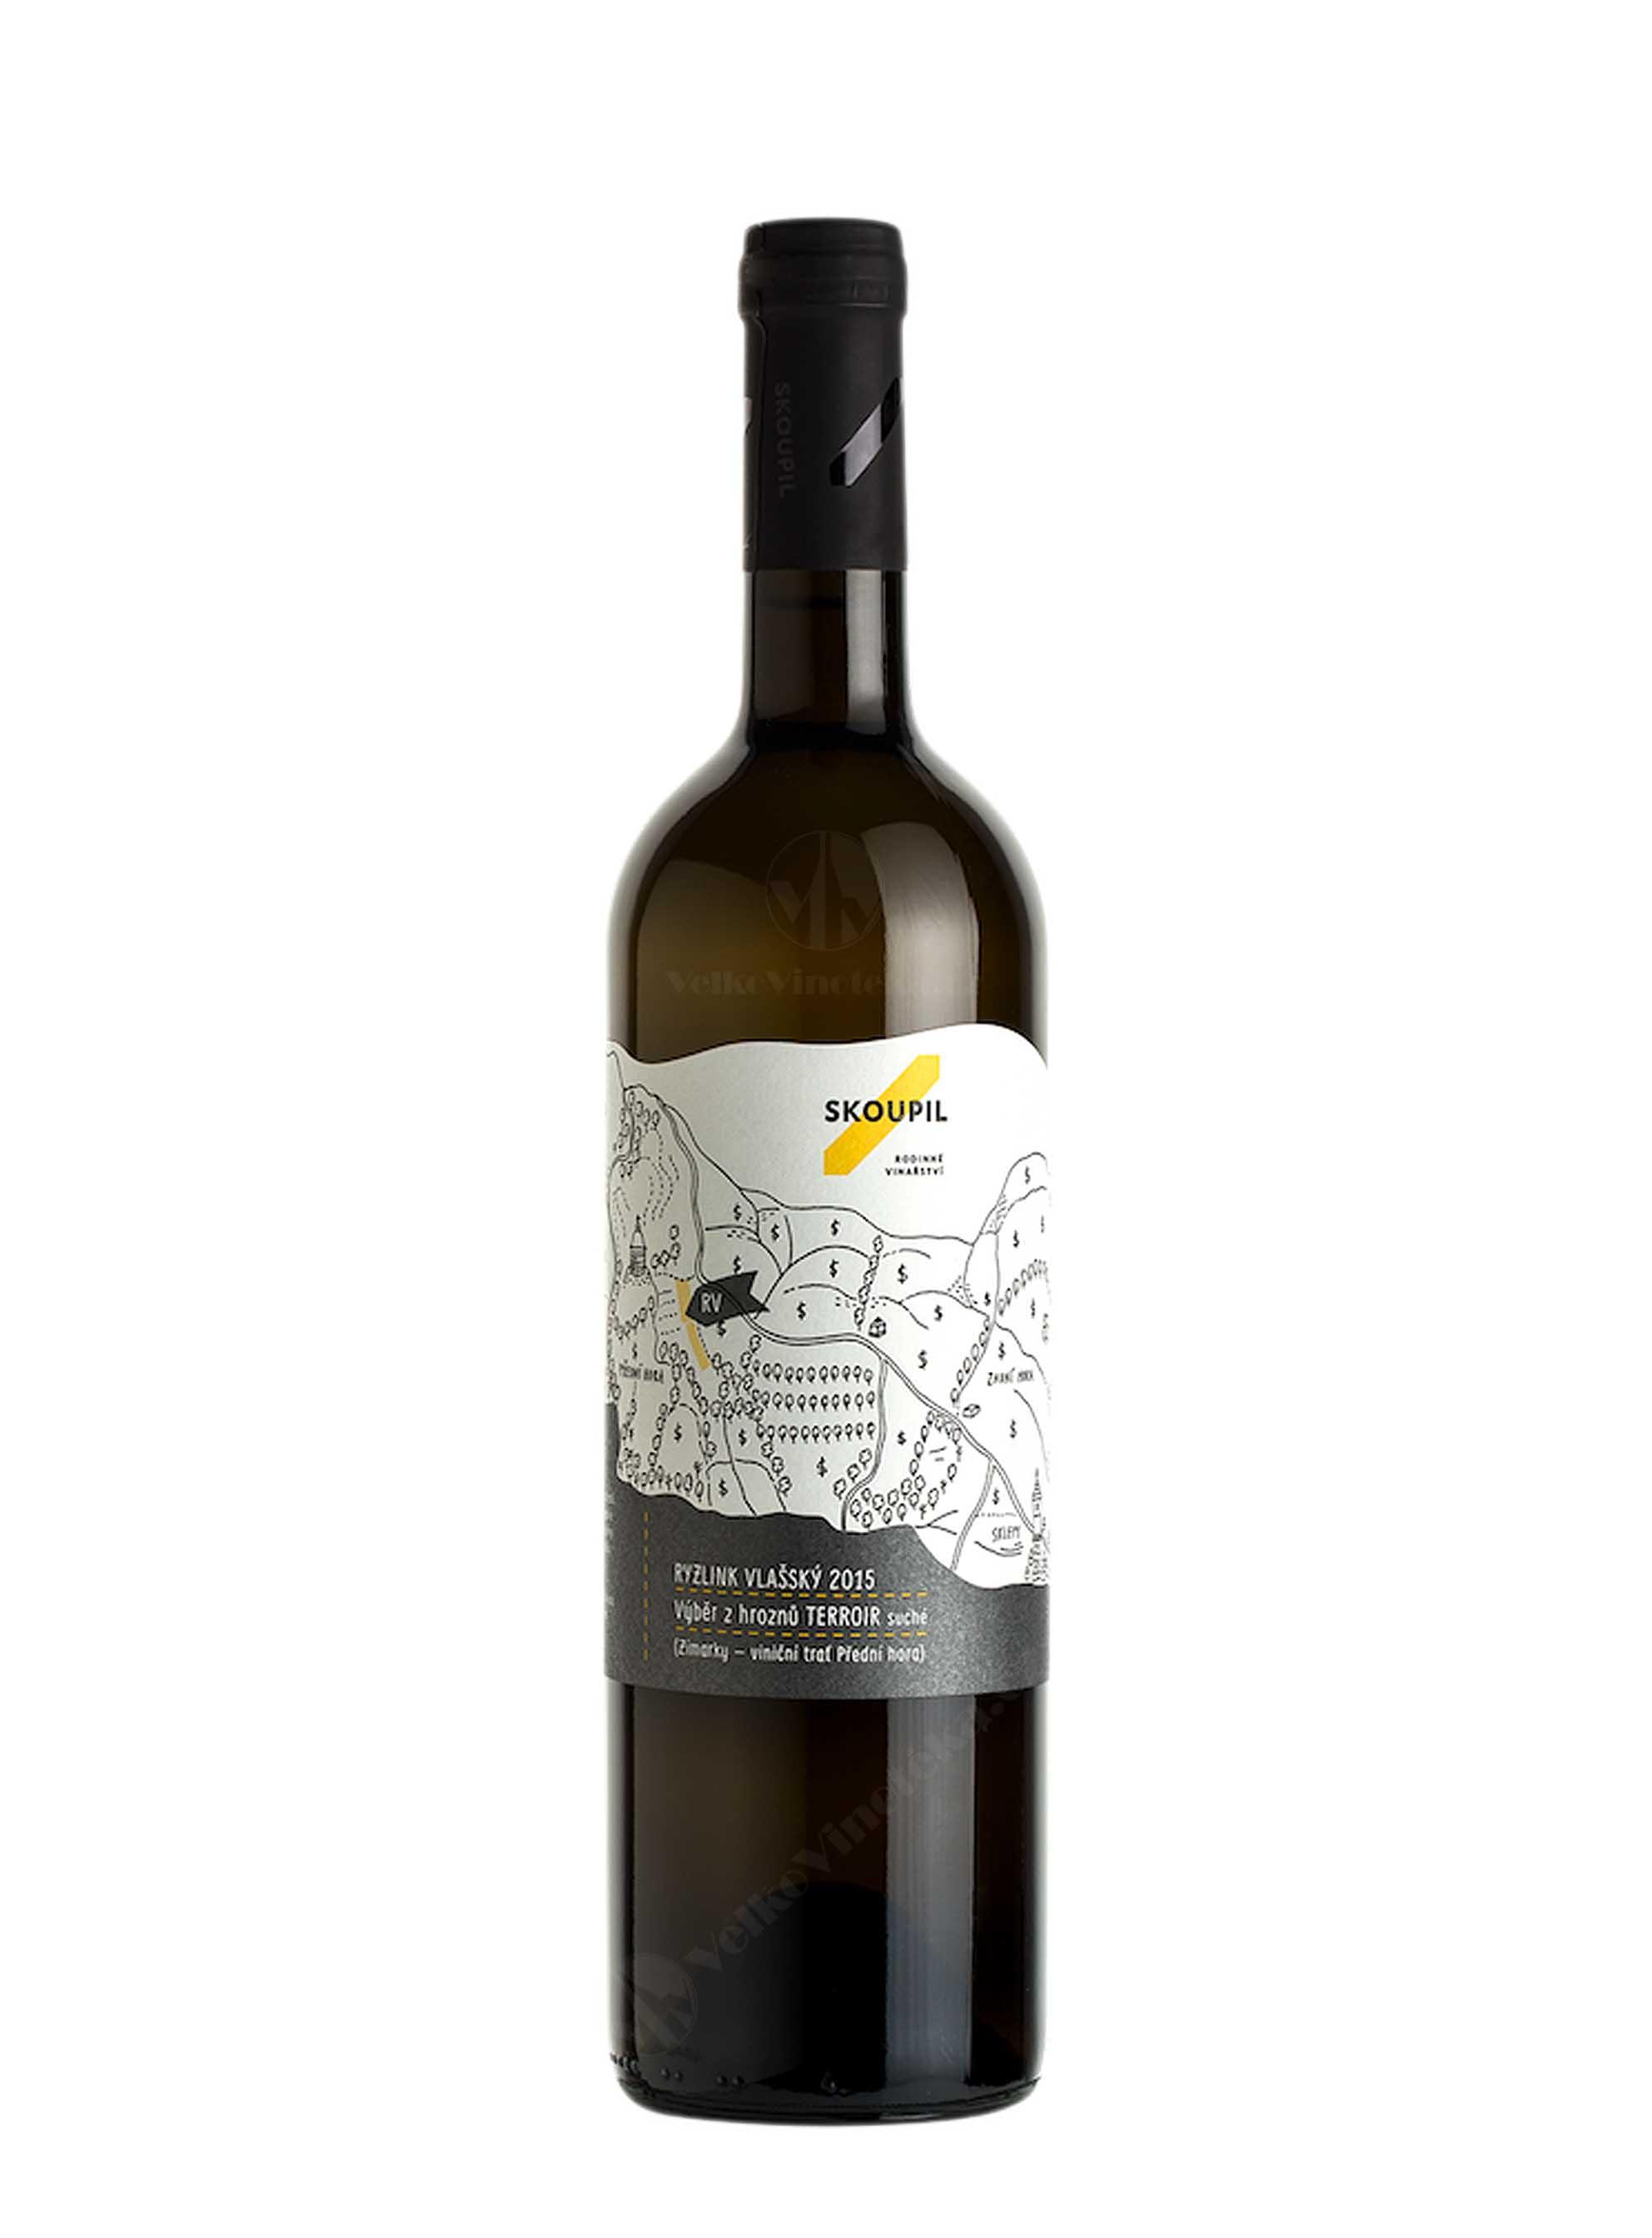 Ryzlink vlašský, Terroir, Výběr z hroznů, 2015, Vinařství Petr Skoupil, 0.75 l